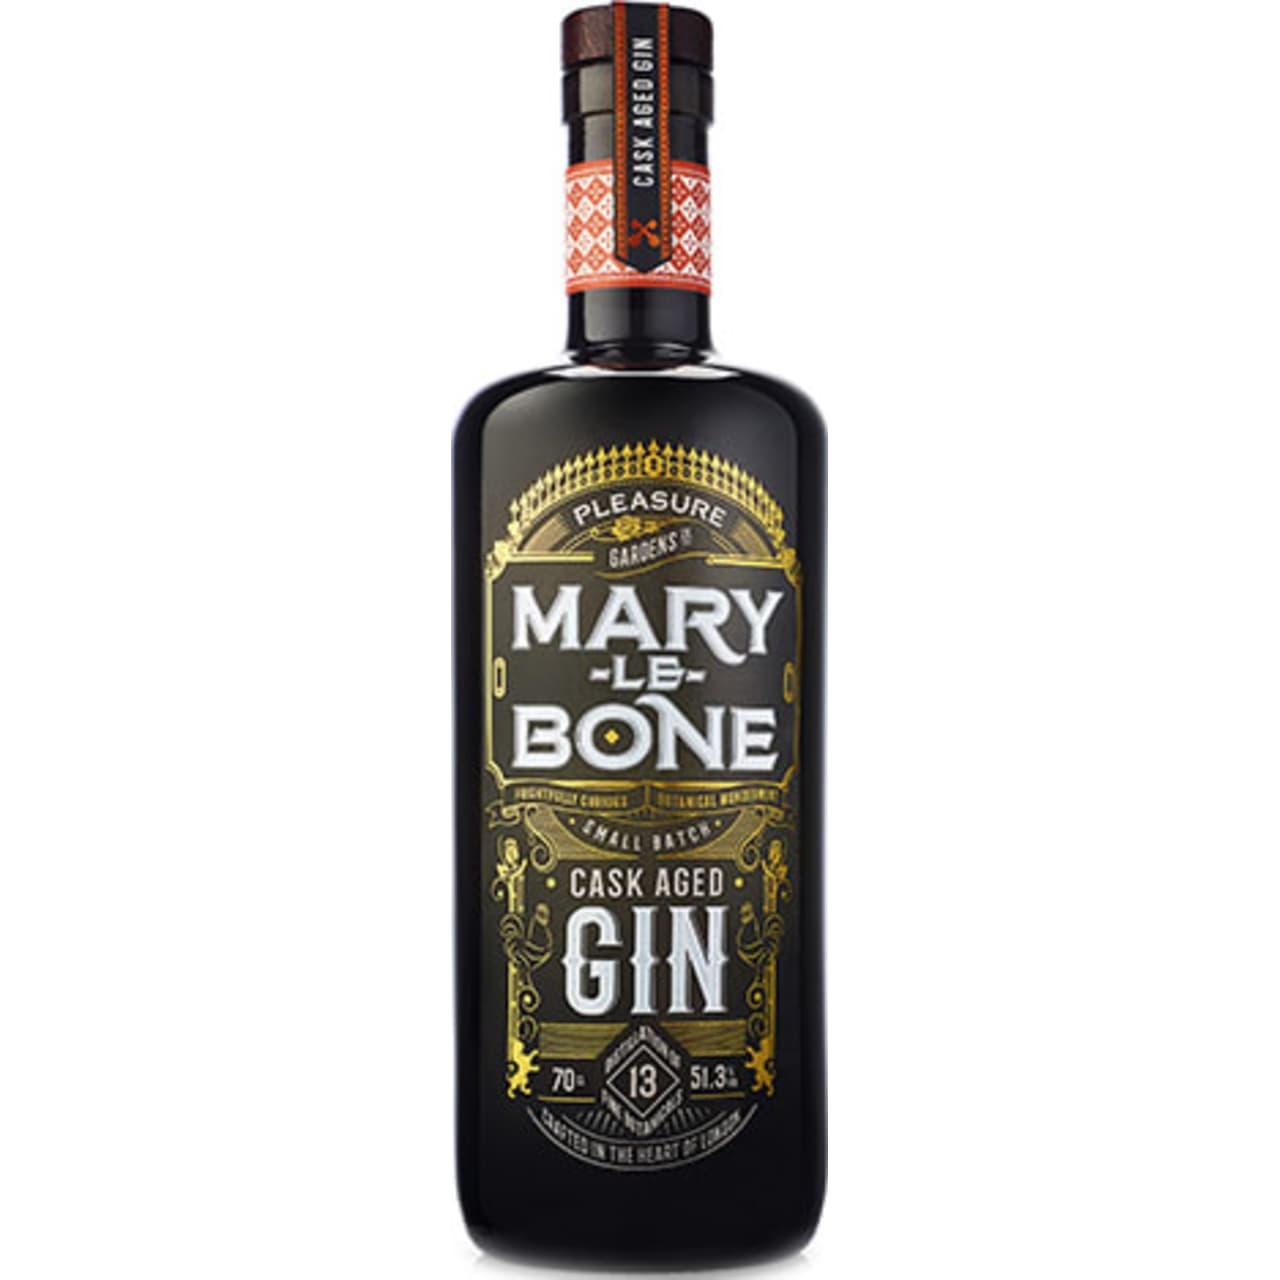 Product Image - Marylebone Cask Aged Gin